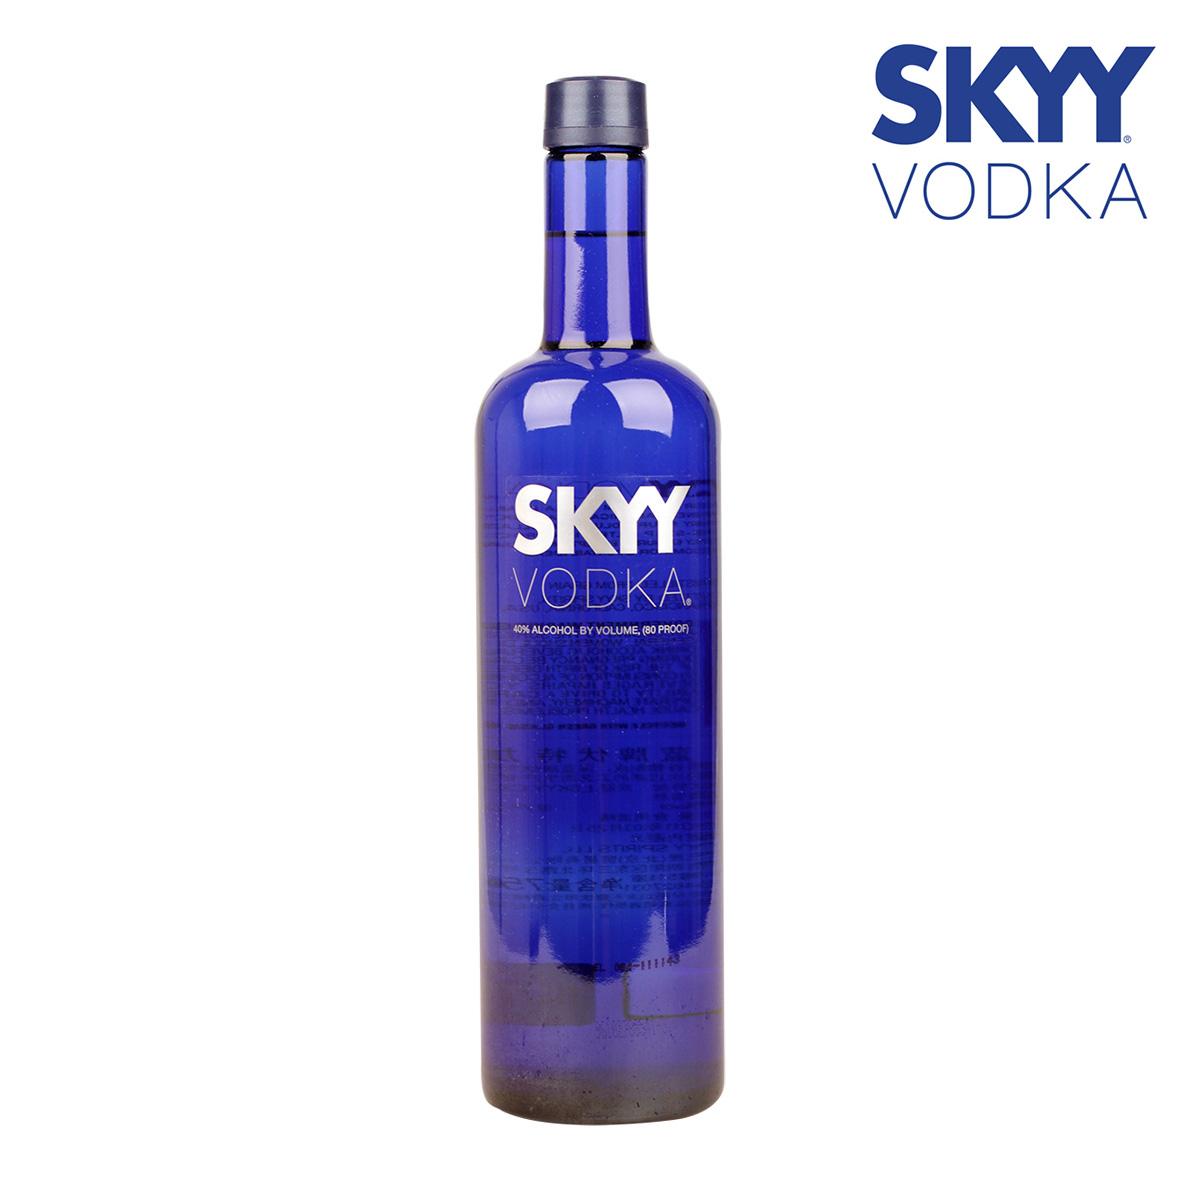 【一号酒窖】洋酒 美国进口skyy vodka蓝天伏特加 烈酒 原味750ML